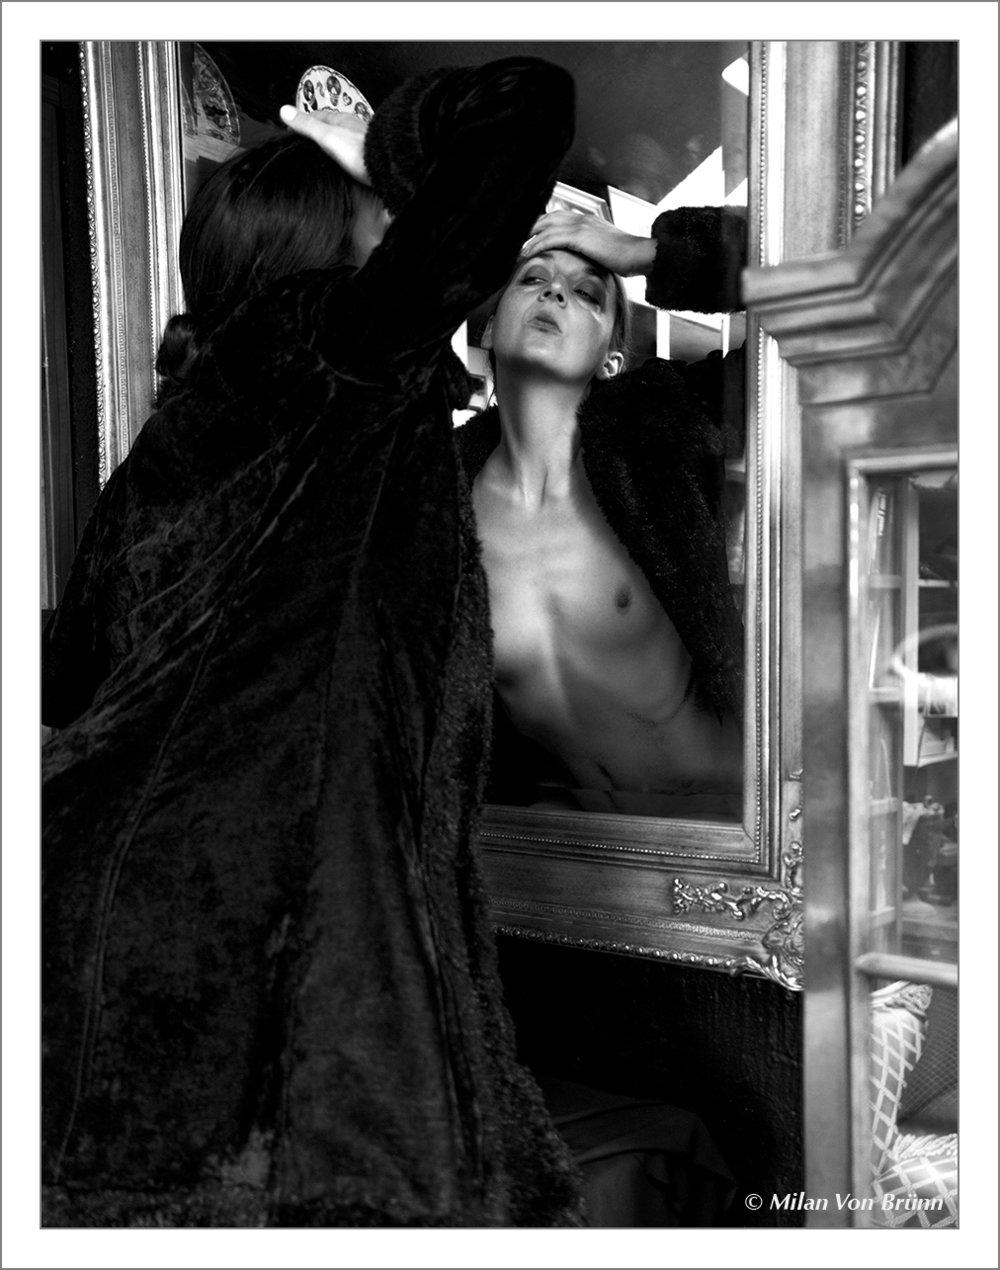 © Milan Sabata